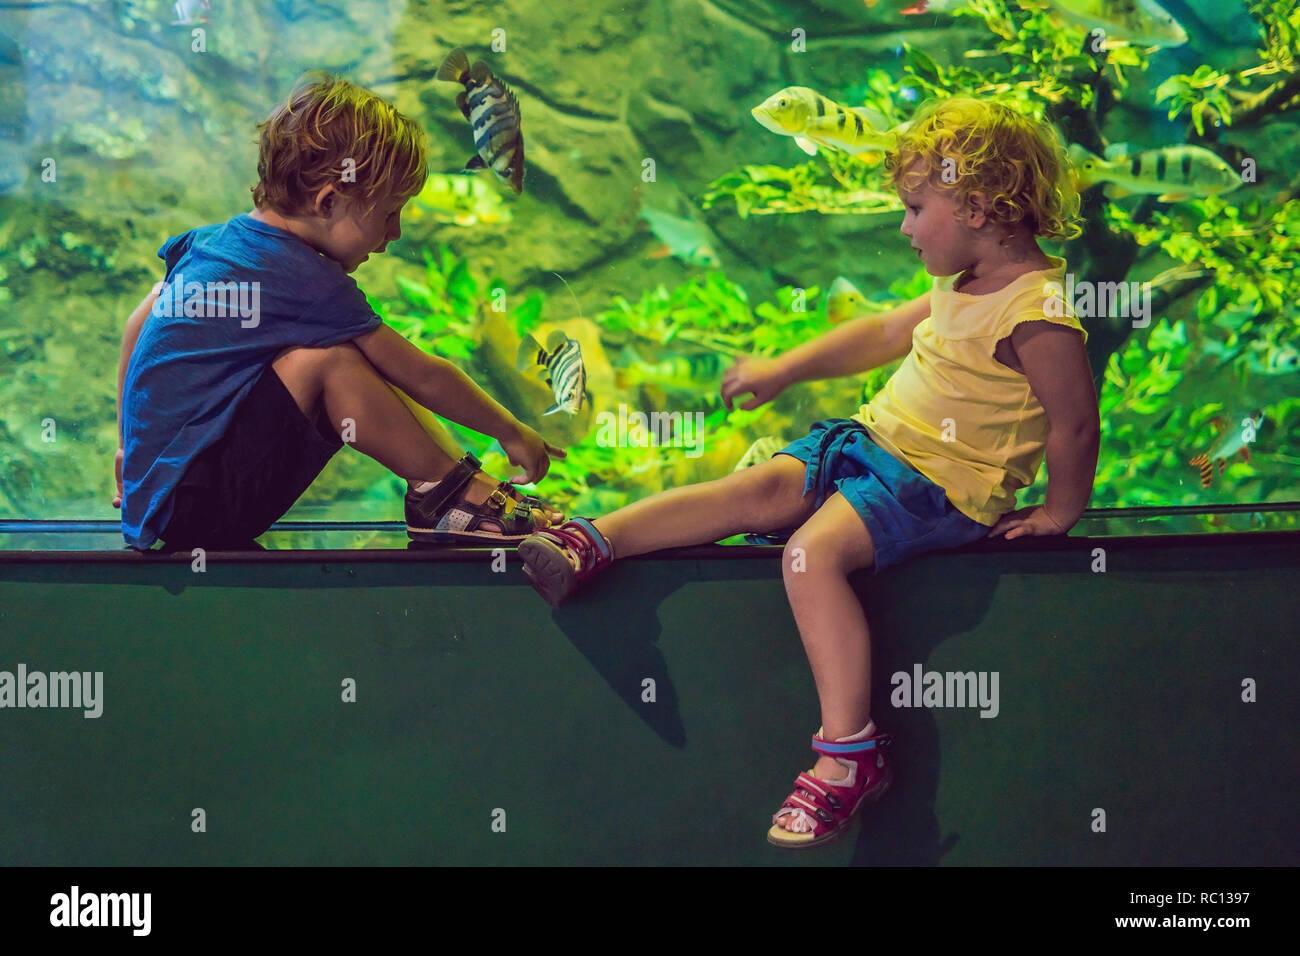 Chico y chica viendo peces de coral tropical en gran depósito de vida marina. Los chicos en el Zoo Aquarium Foto de stock